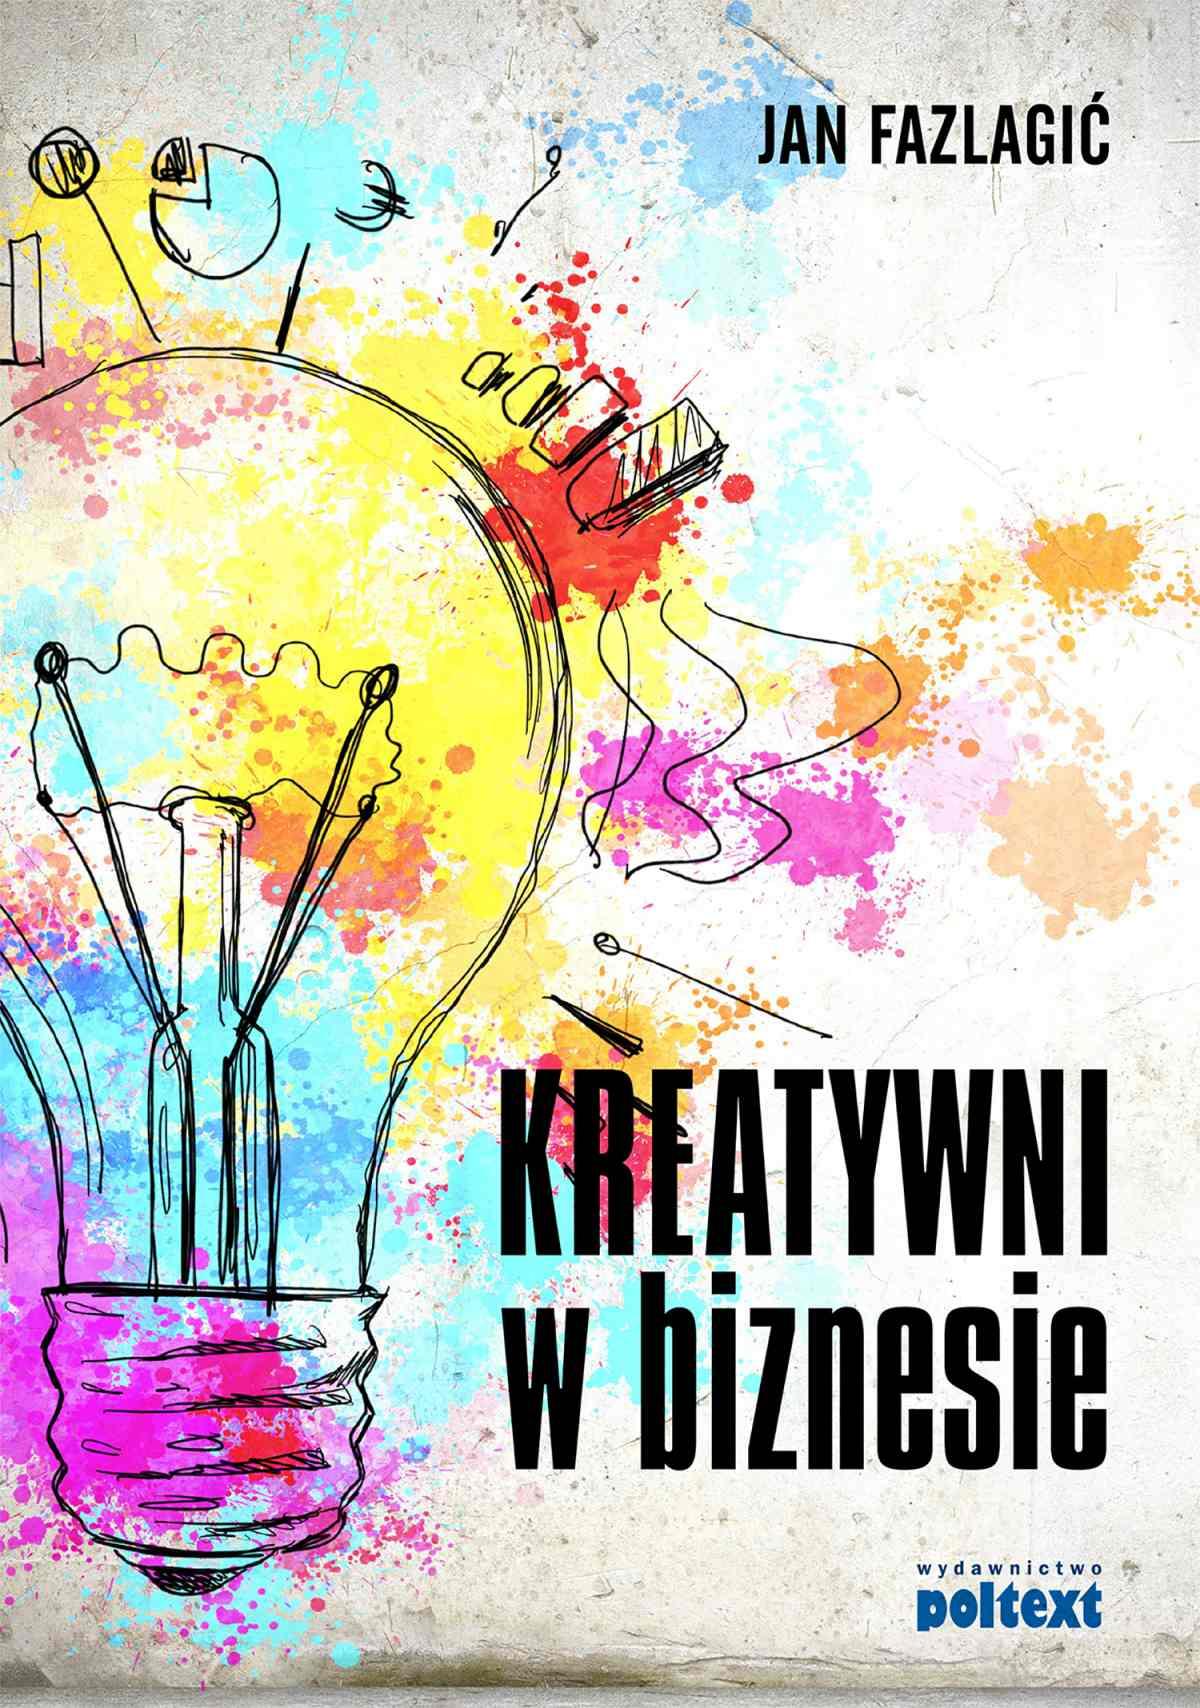 Kreatywni w biznesie - Ebook (Książka PDF) do pobrania w formacie PDF